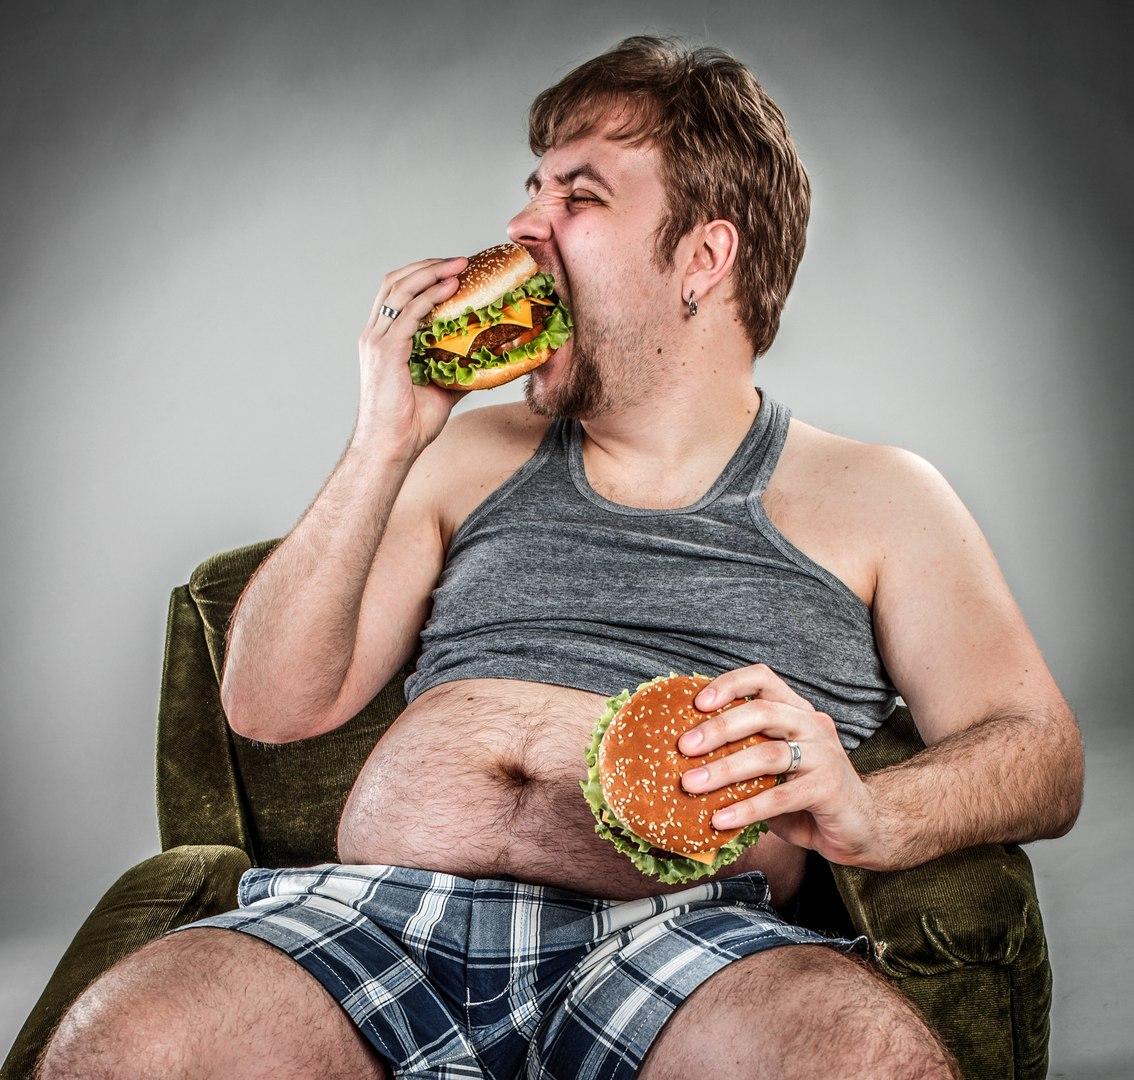 Толстые мужчины реже идут на самоубийство